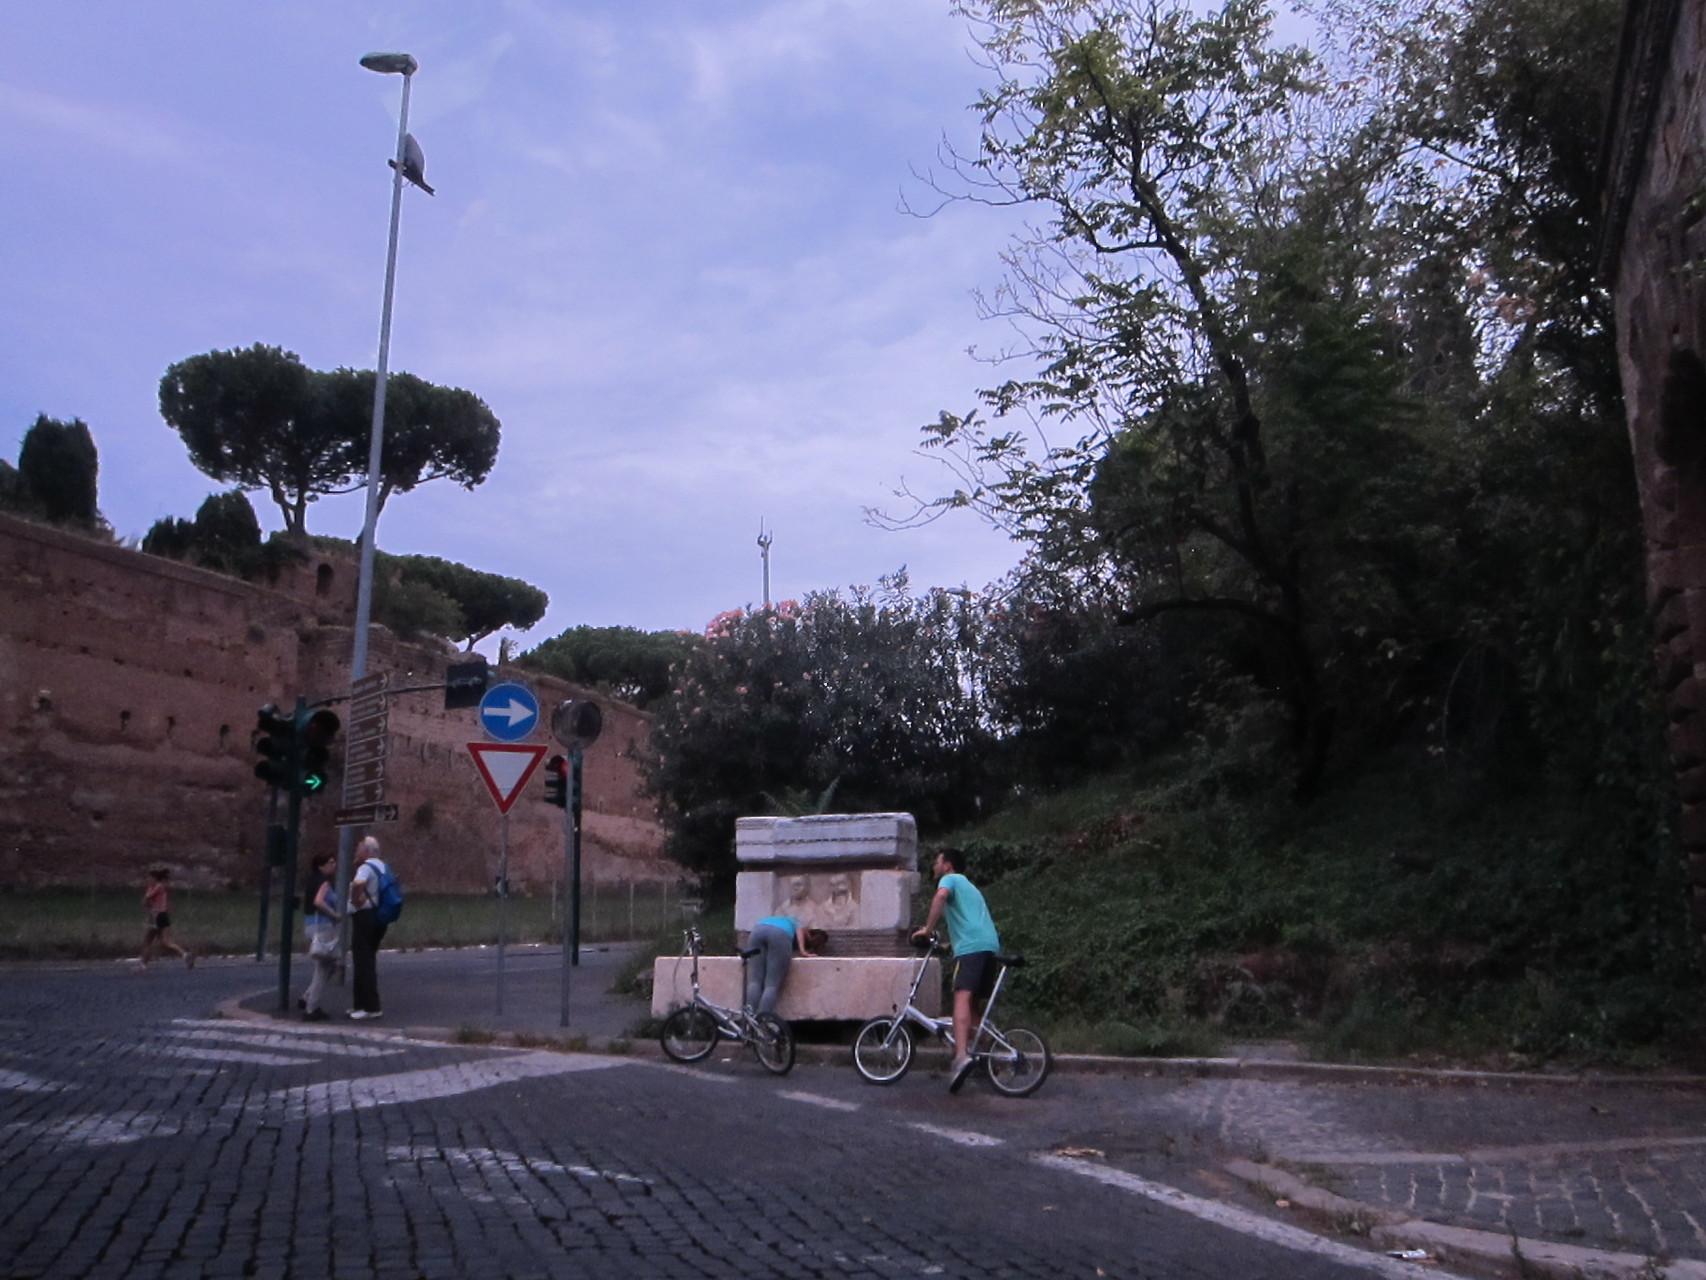 こちらがアッピア街道の入り口であり手前が石畳です